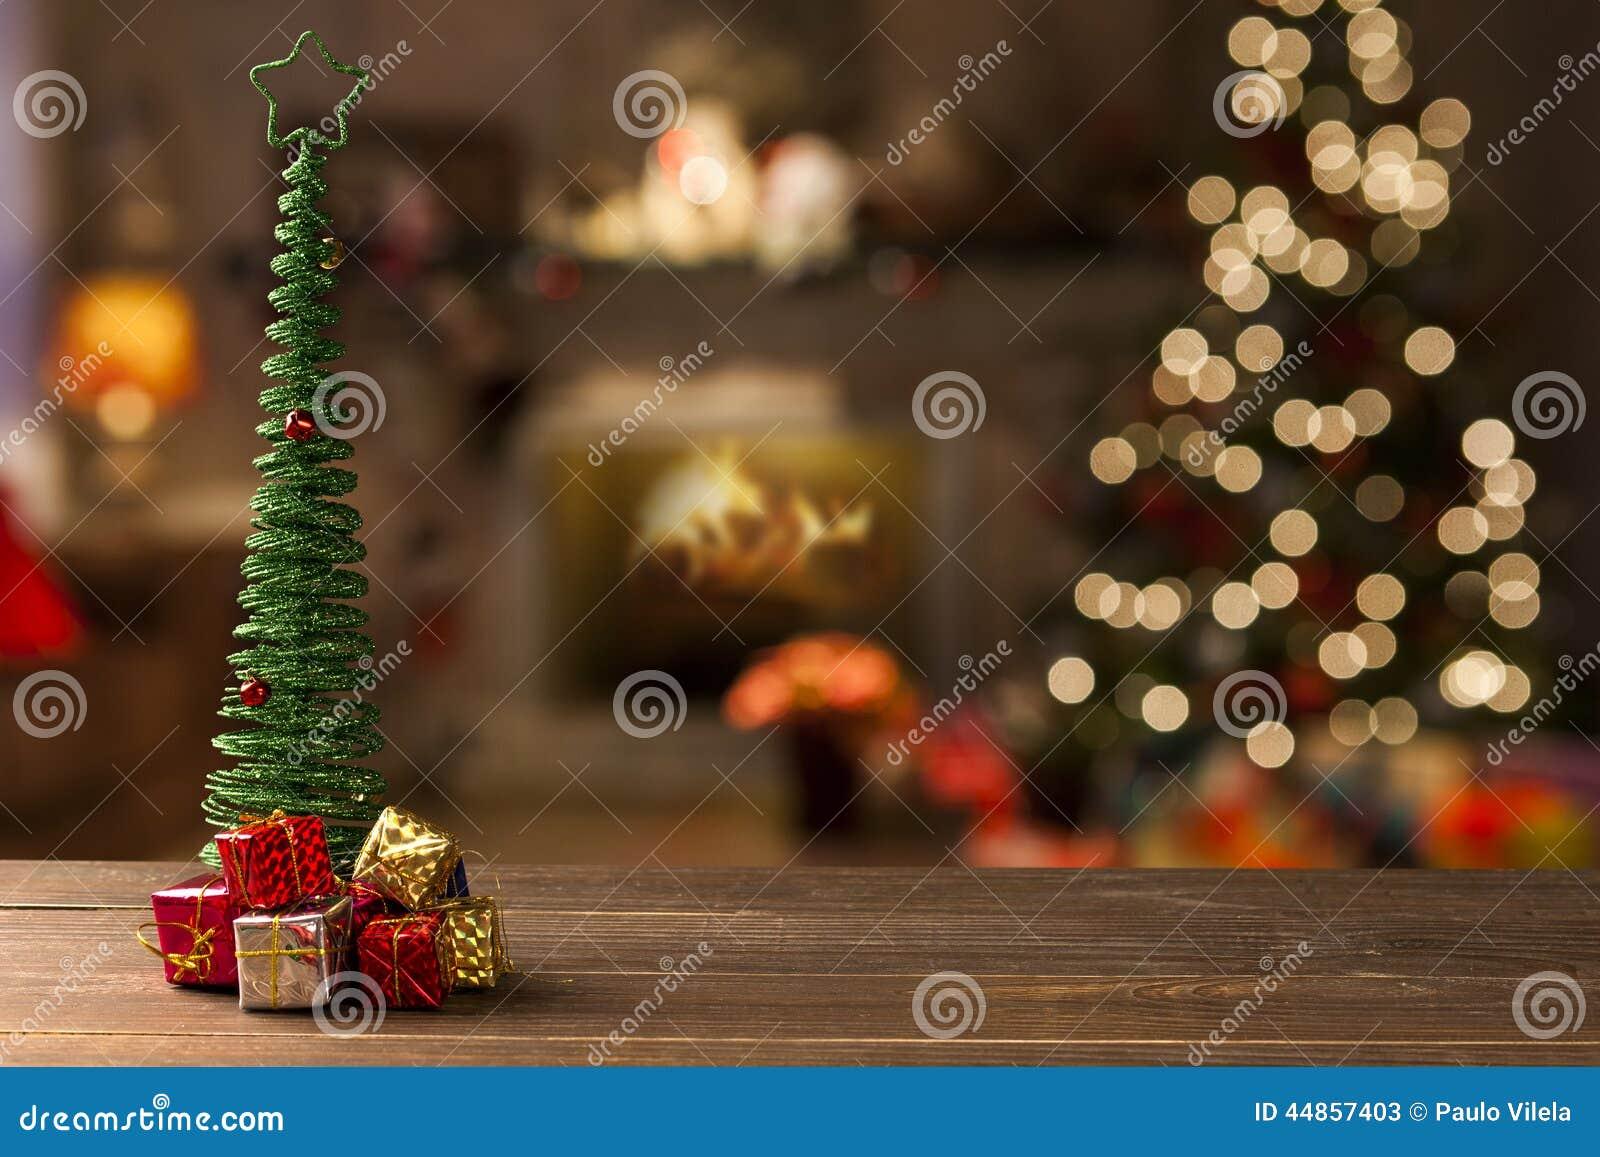 Download Navidad imagen de archivo. Imagen de invierno, nieve - 44857403